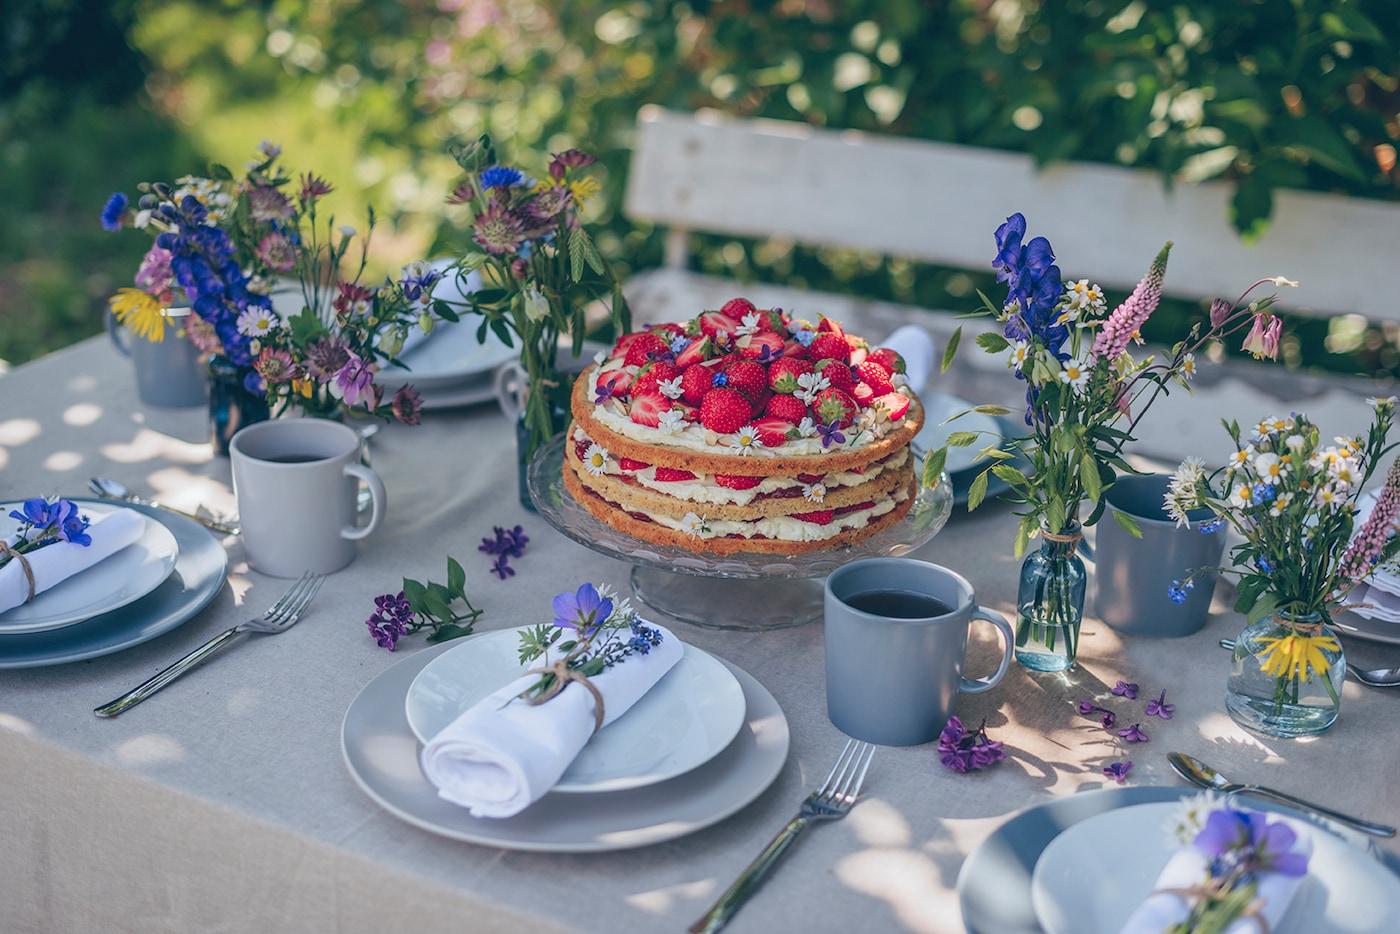 Recette: Gâteau aux amandes Midsommar